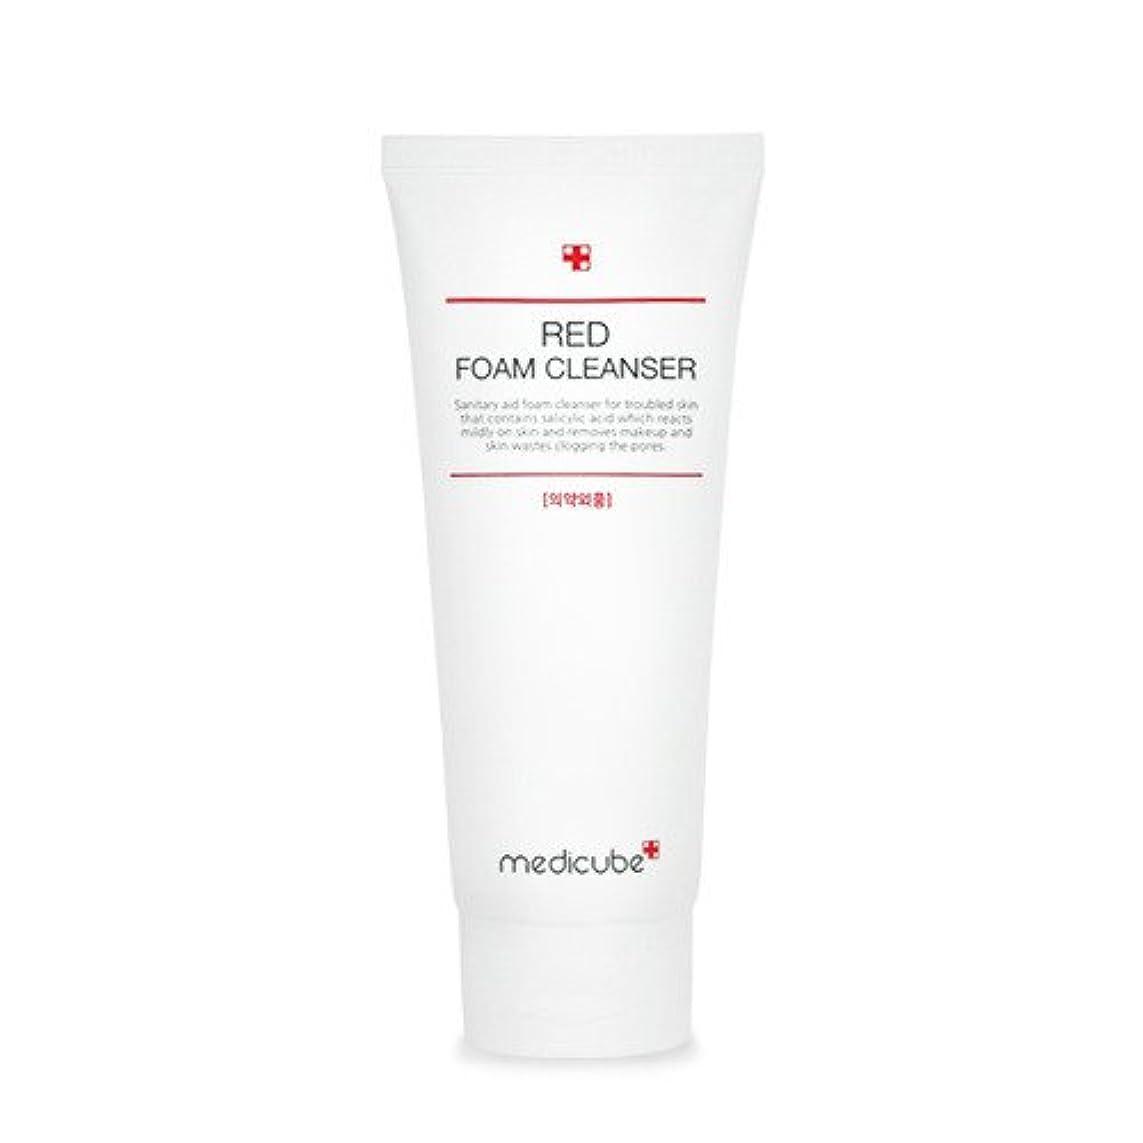 説明的チューインガム基礎[Medicube]Red Foam Cleanser 120ml / メディキューブレッドクレンジングフォーム / 正品?海外直送商品 [並行輸入品]